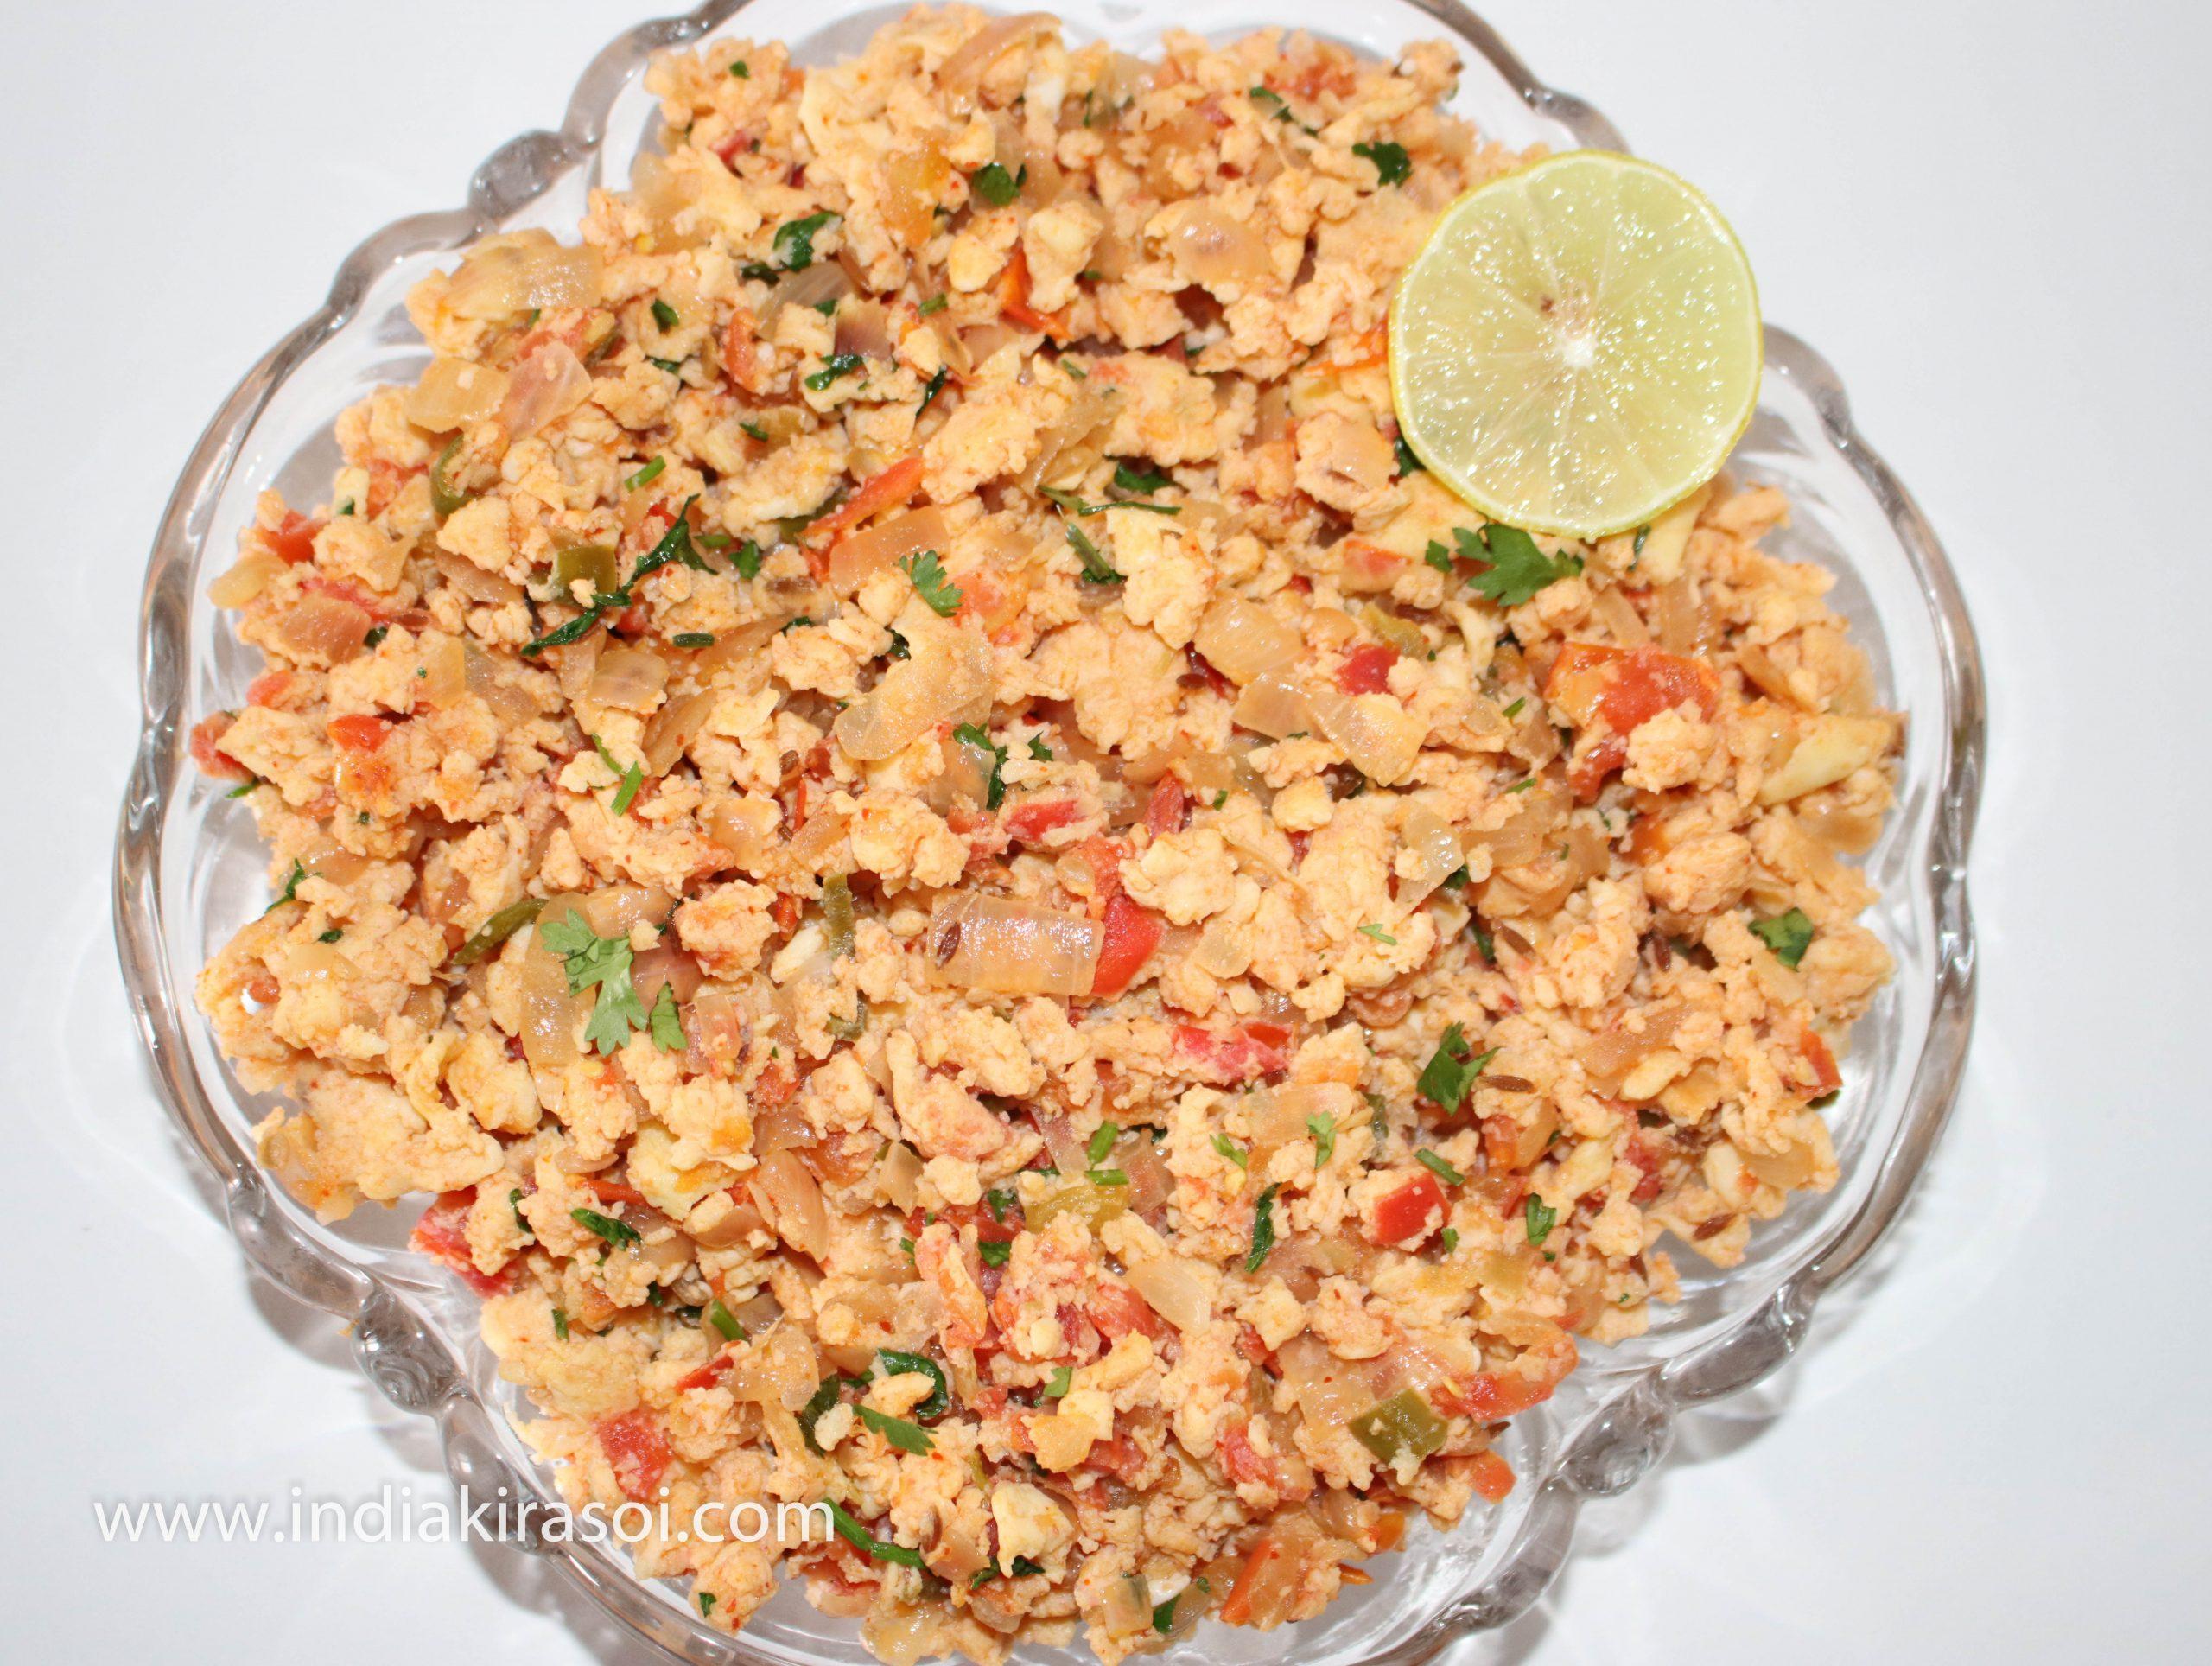 Egg Bhurji/ Anda Bhurji/ Mashed Egg